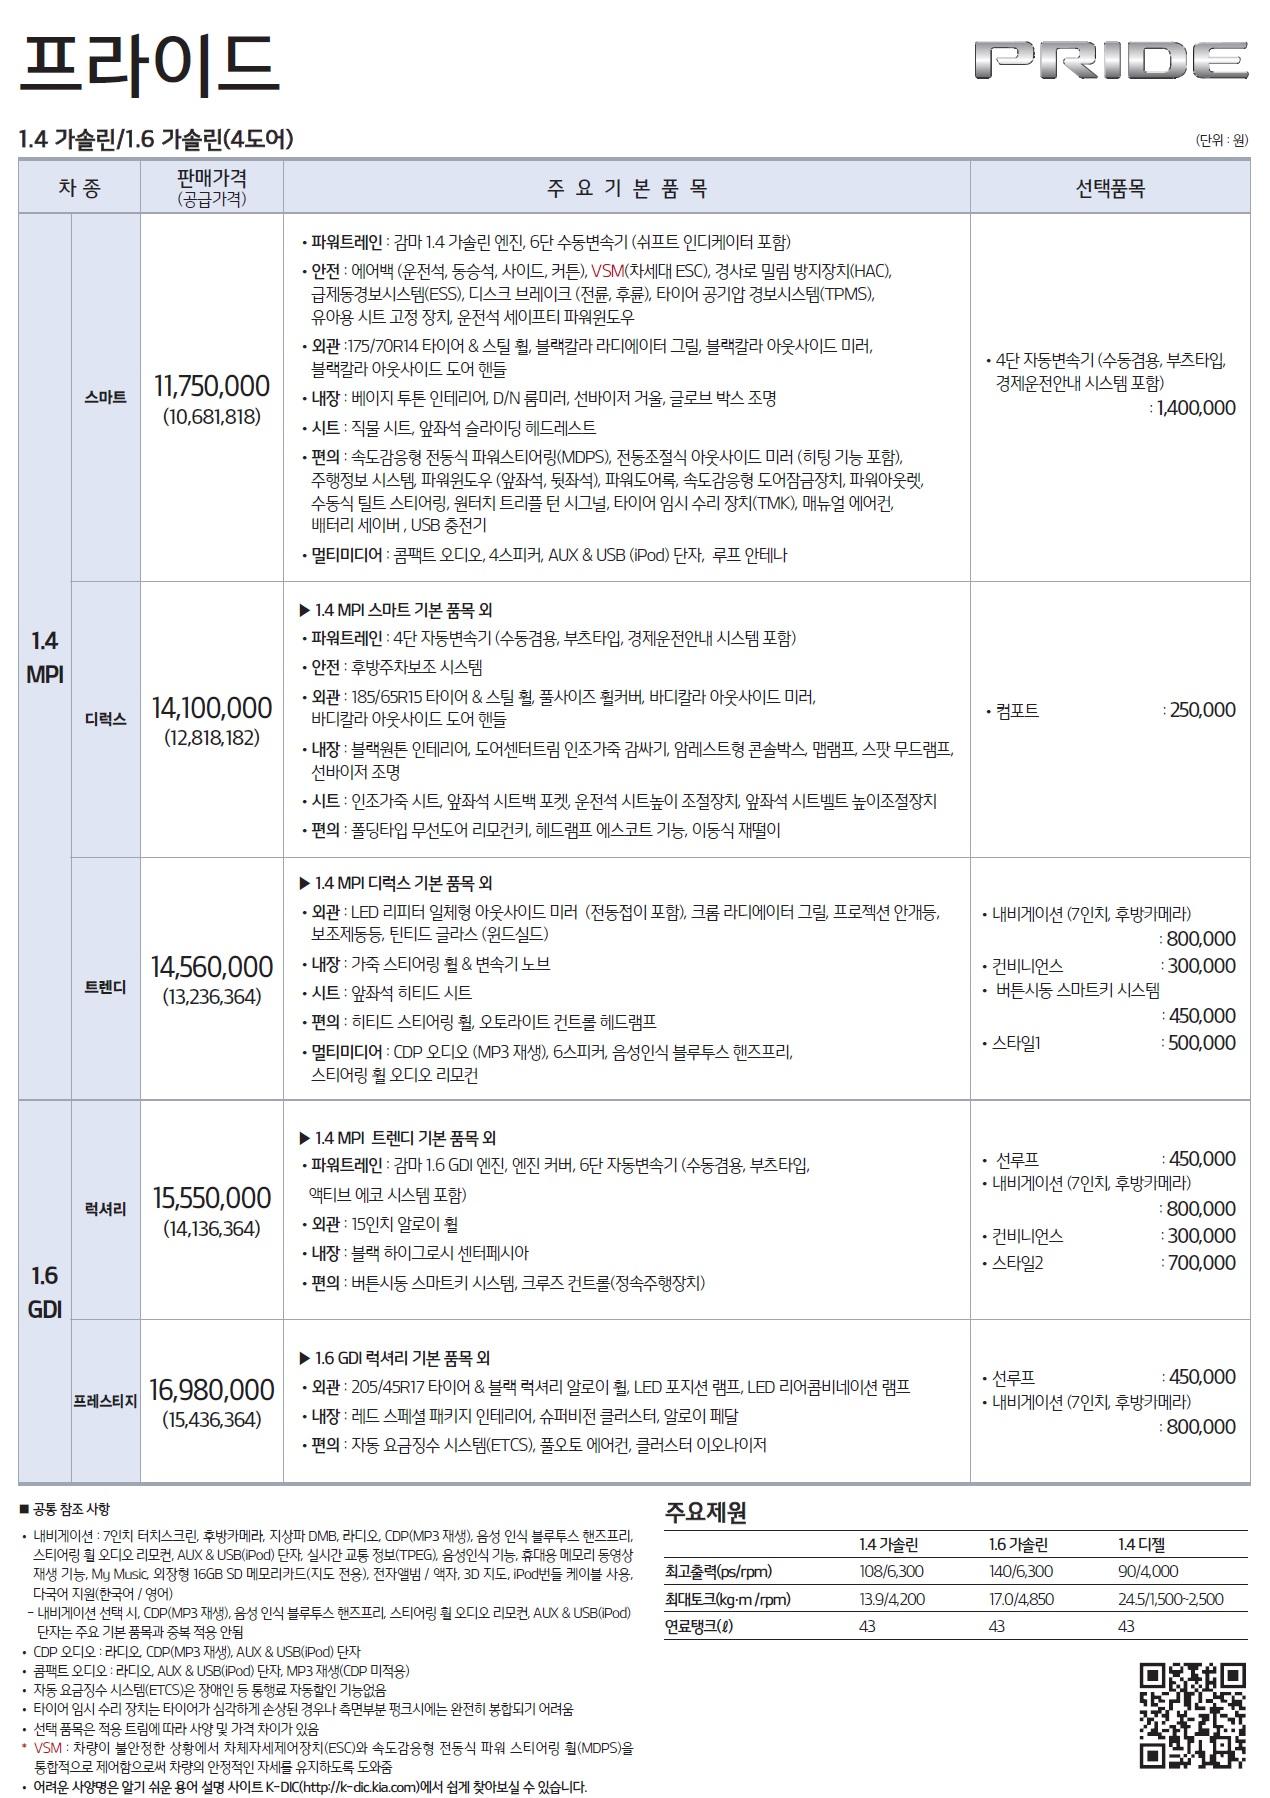 프라이드 가격표 - 2017년 01월 -1.jpg